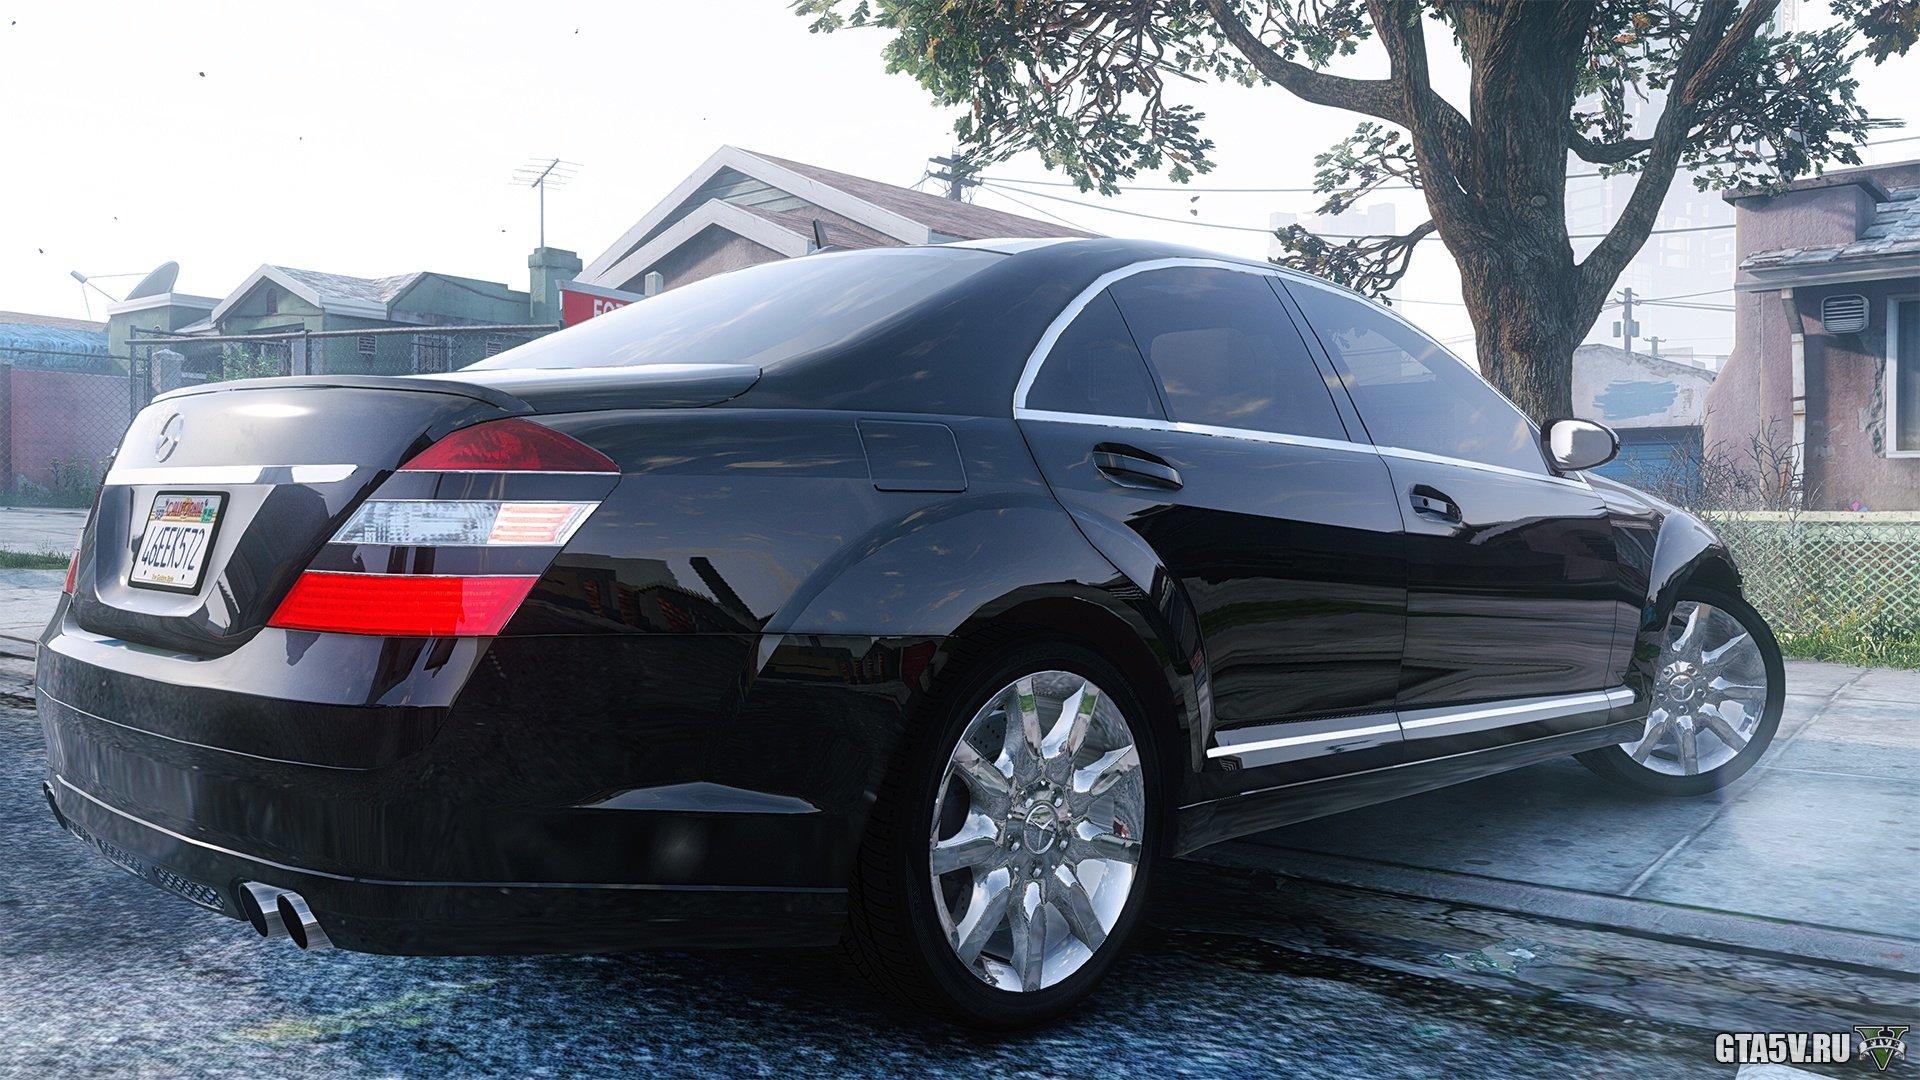 Mercedes-Benz S550 W221 (2008)